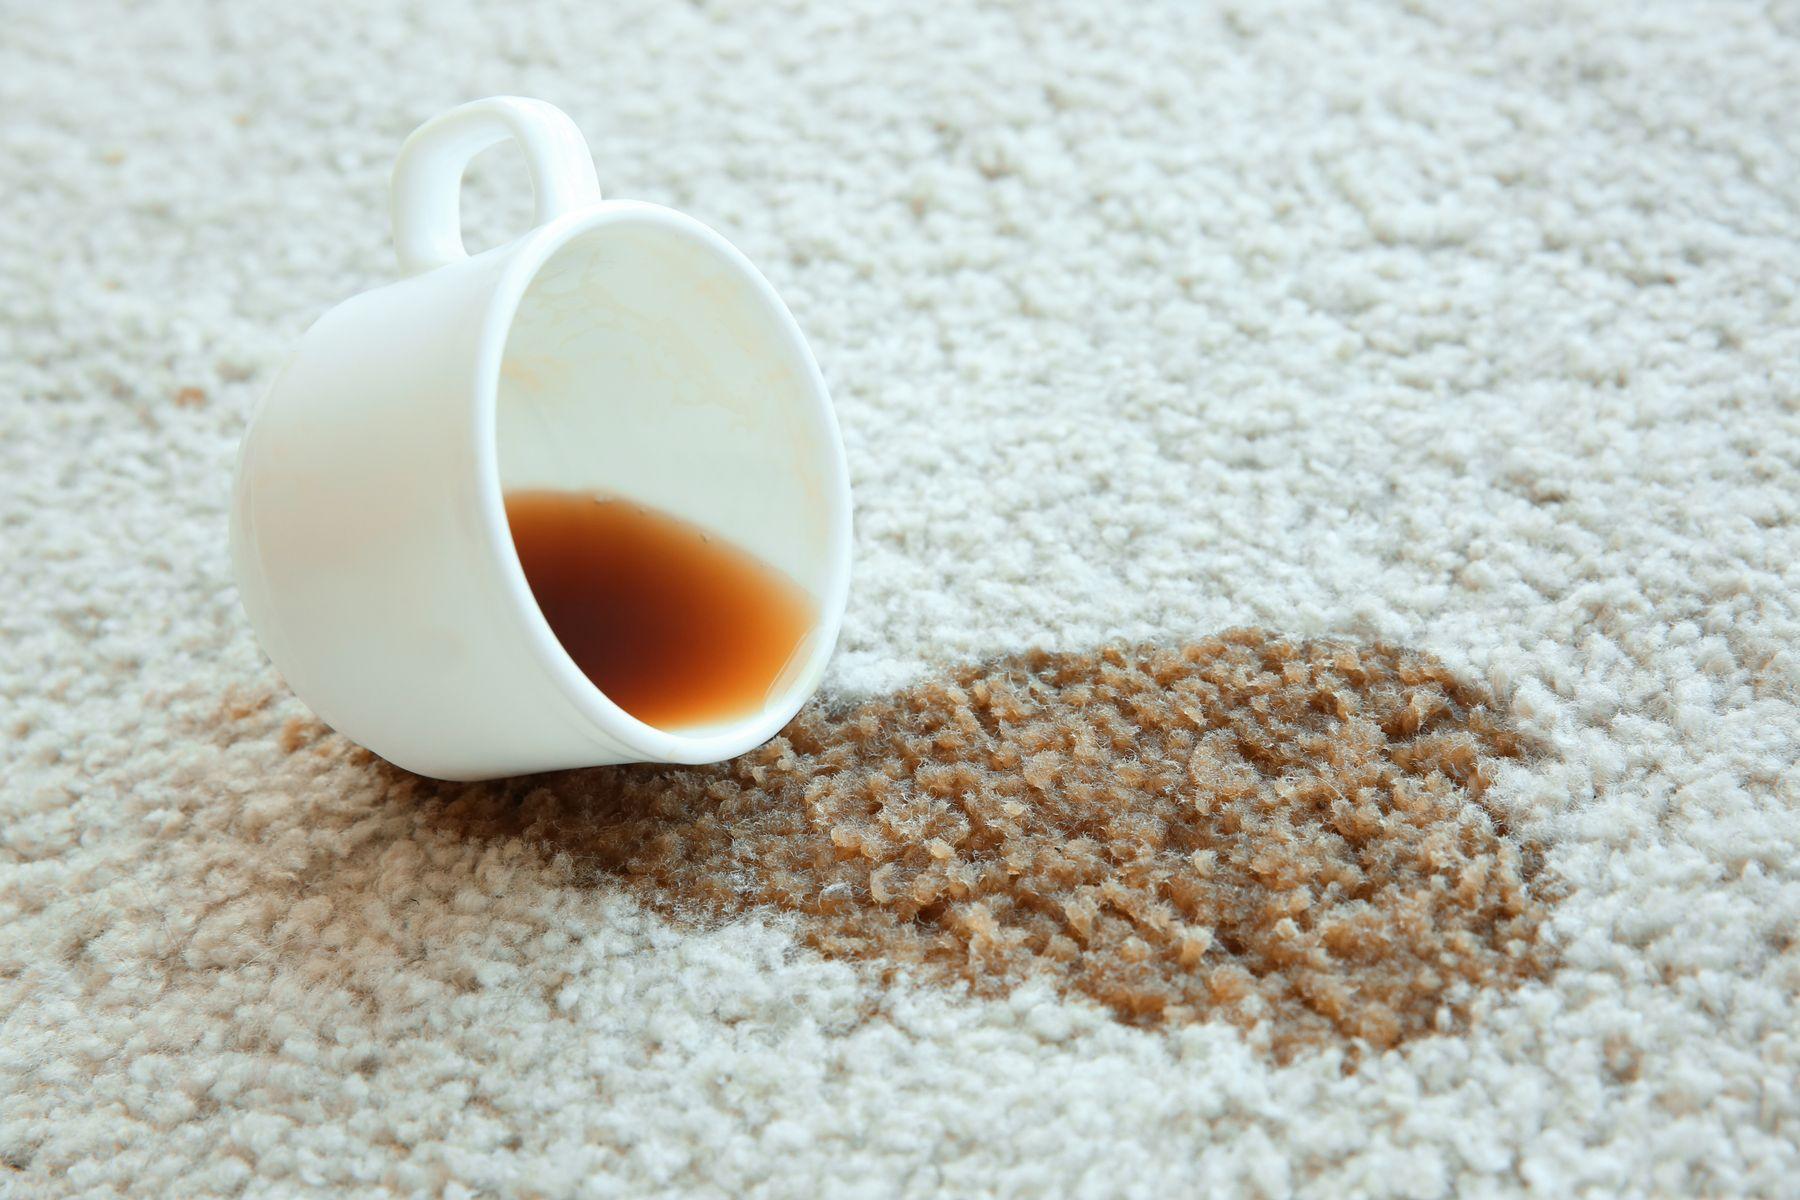 Cómo limpiar alfombras de fibras vegetales